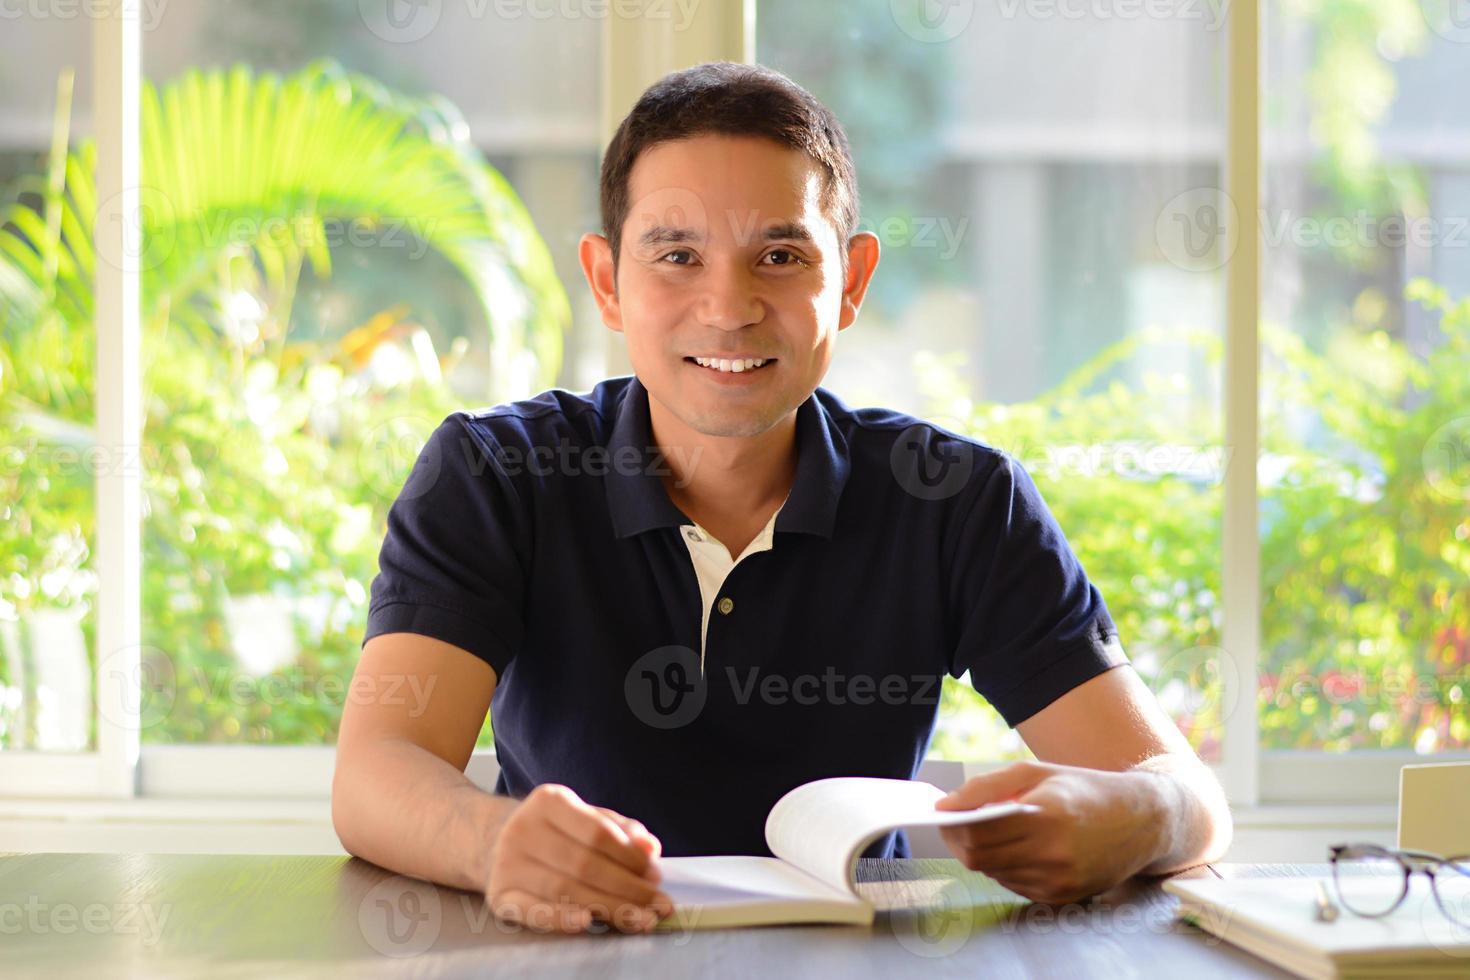 lächelnder Mann mit geöffnetem Buch auf dem Tisch foto